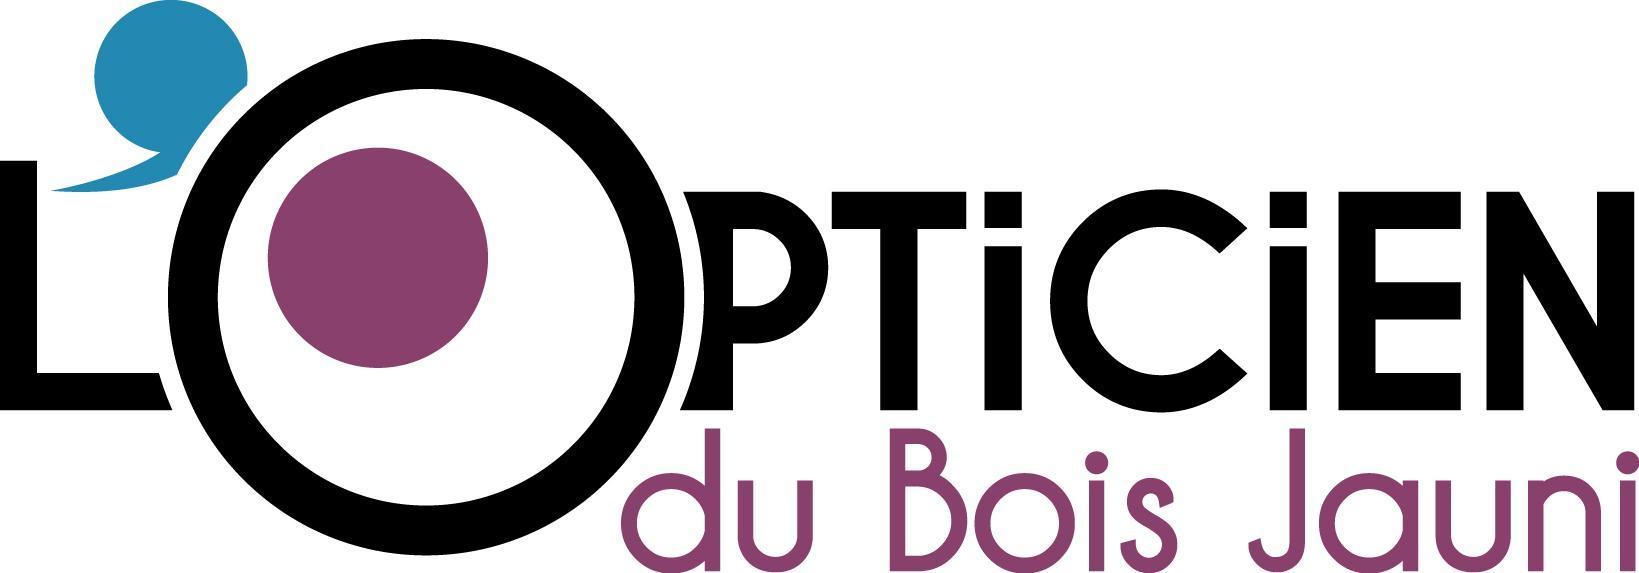 Opticien du Bois Jauni